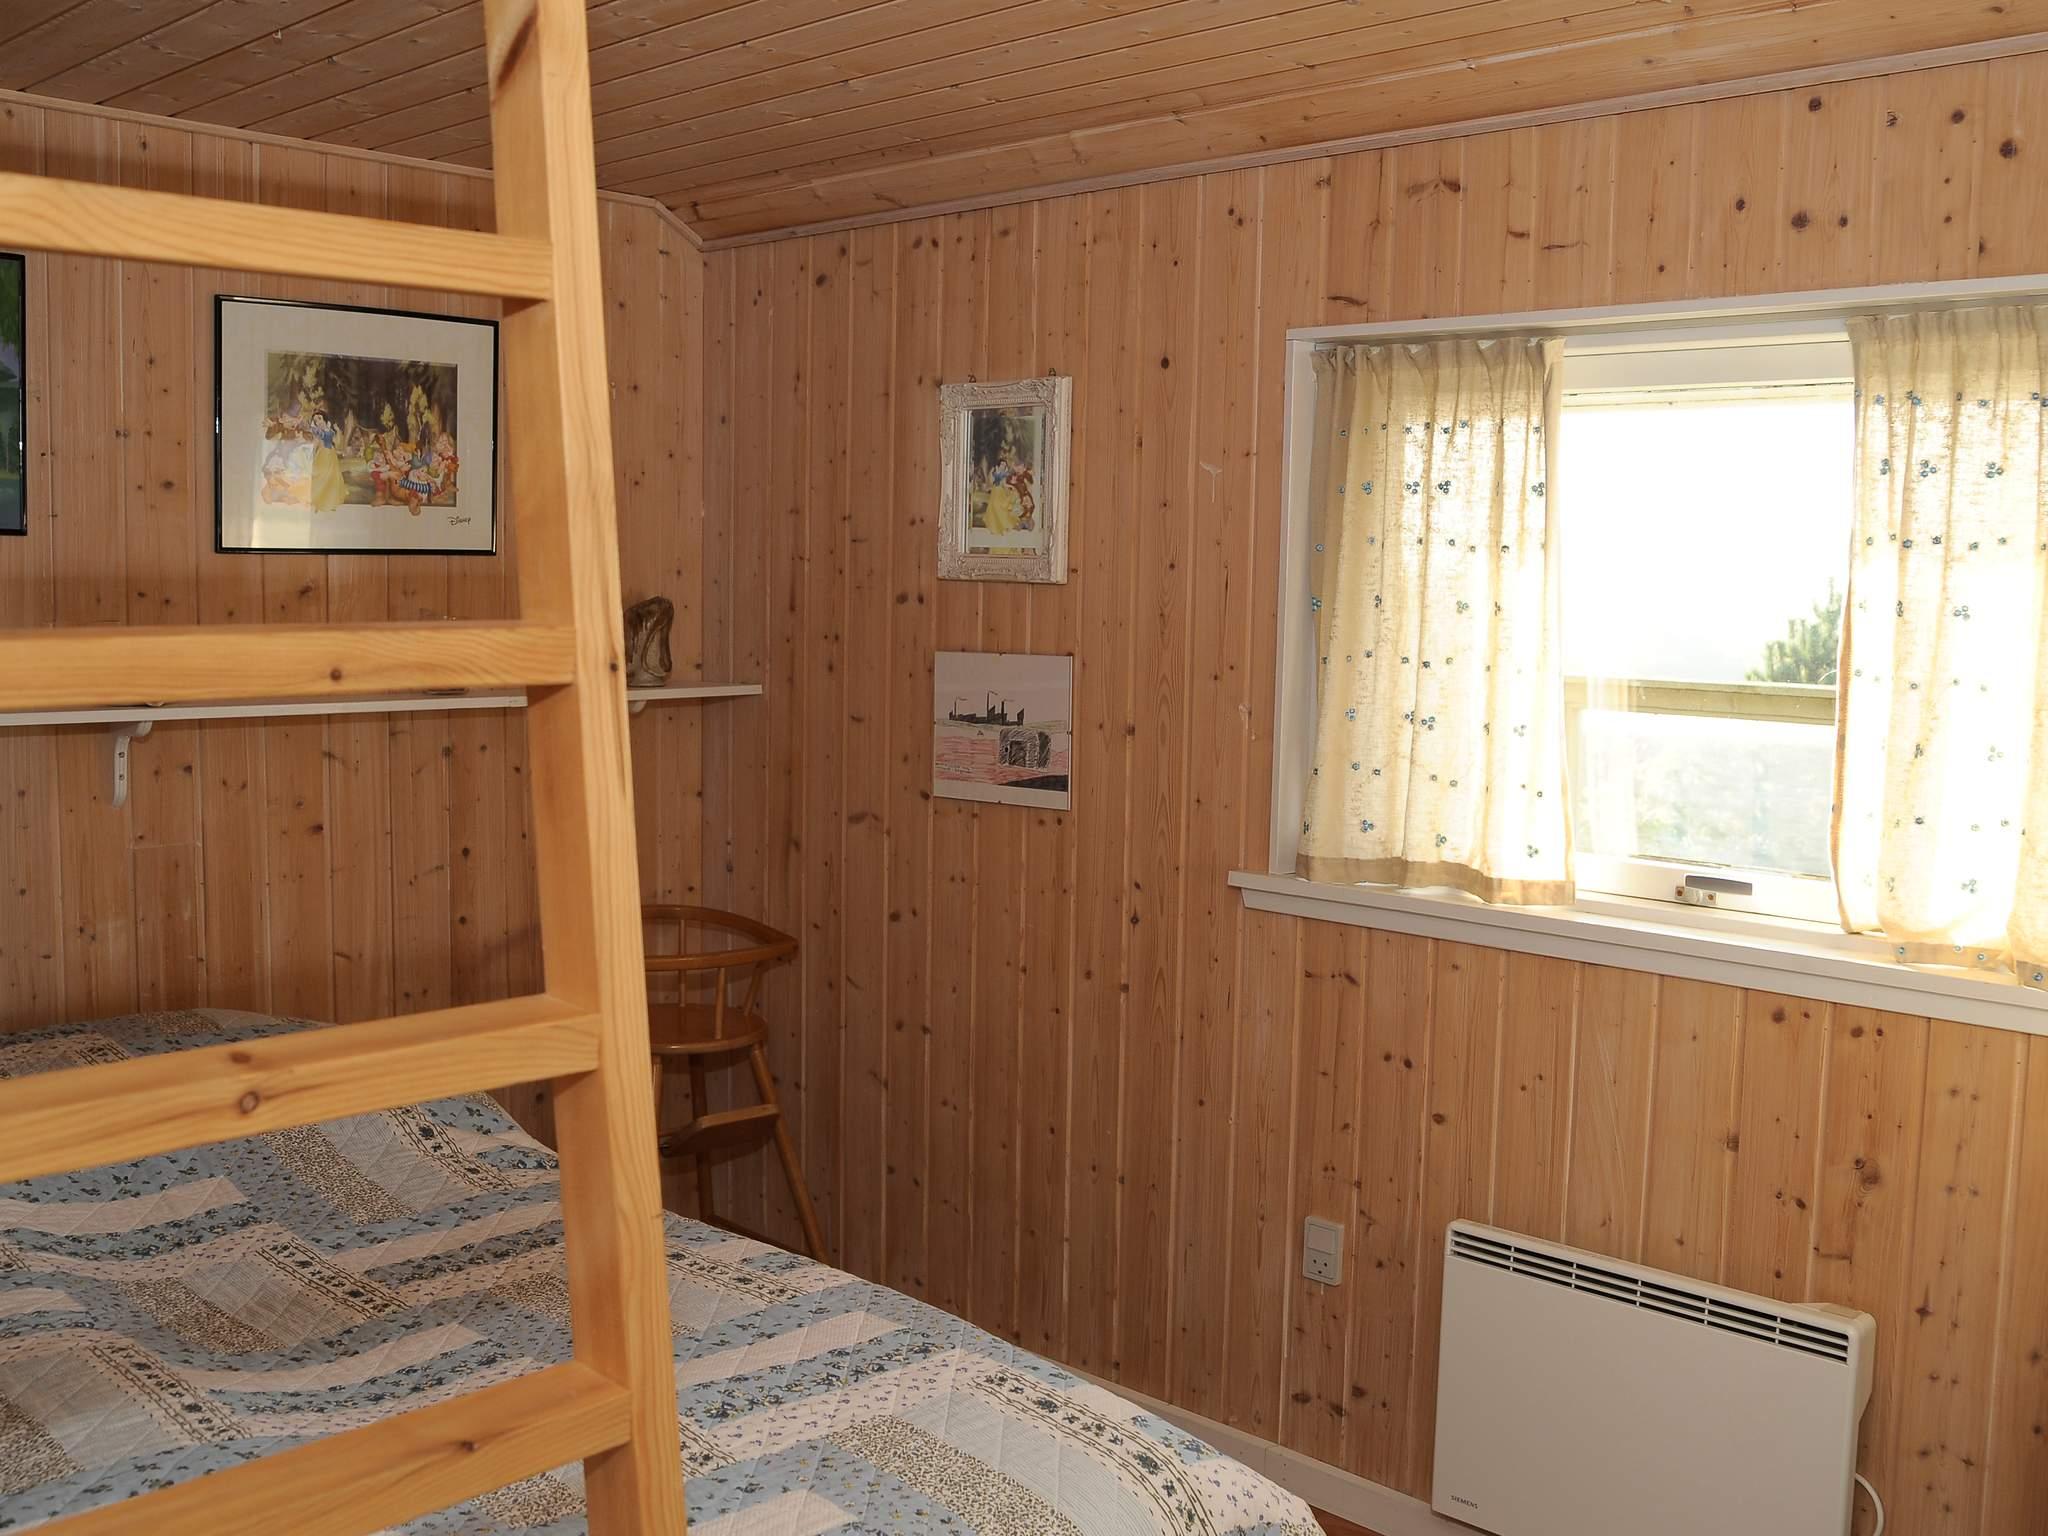 Ferienhaus Gjellerodde (83863), Lemvig, , Limfjord, Dänemark, Bild 13